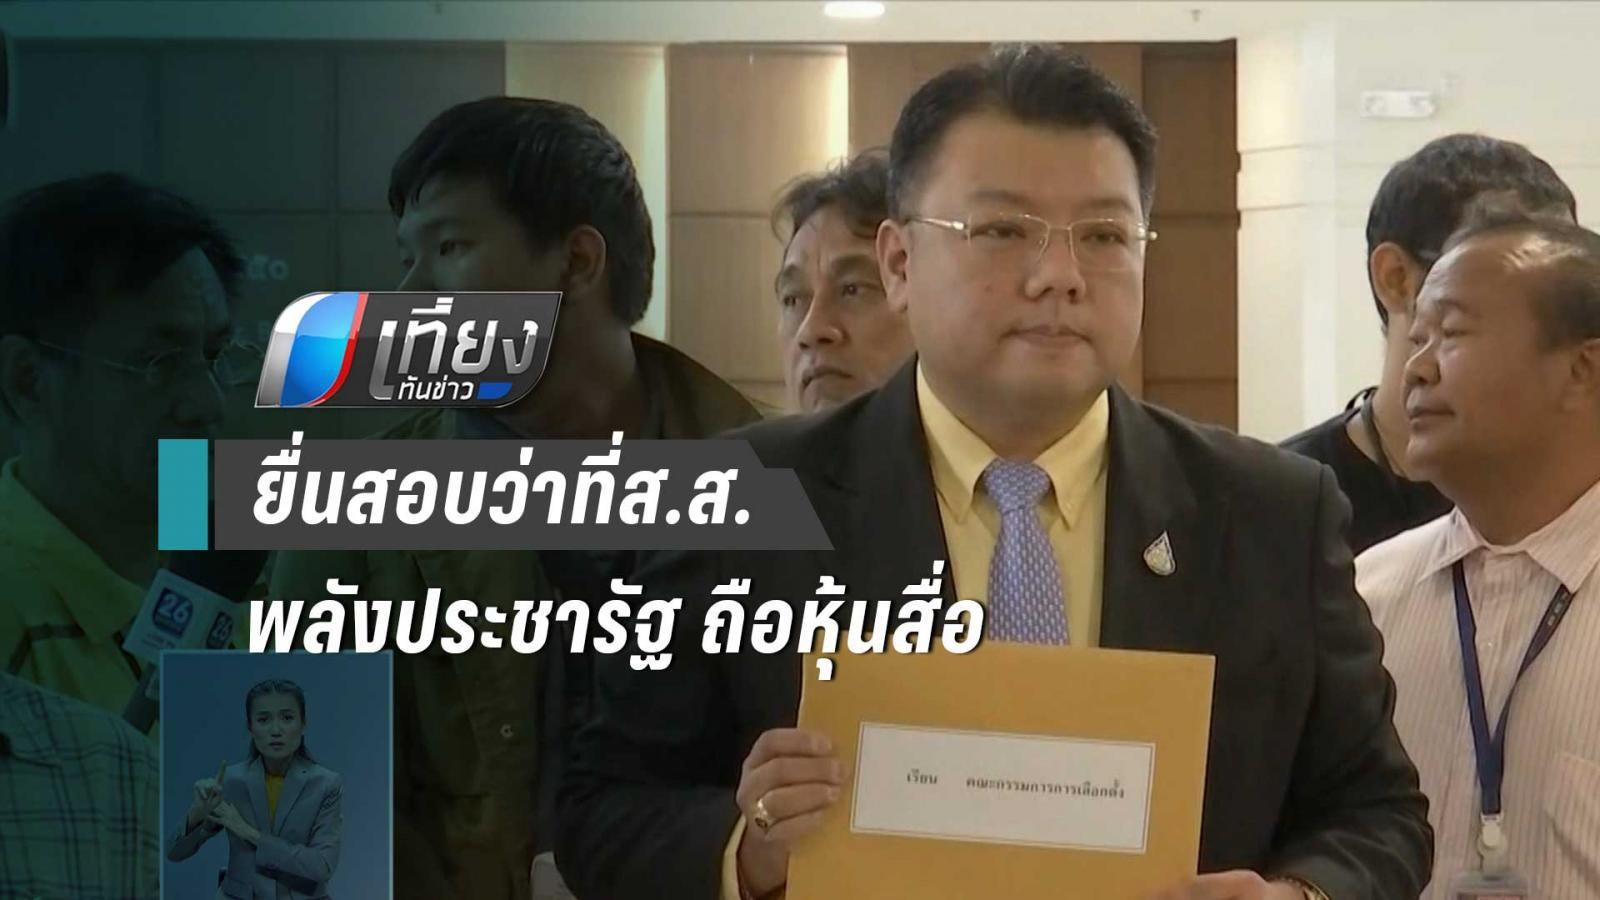 """""""เพื่อไทย"""" จี้กกต.เอาผิด พลังประชารัฐ ปมถือหุ้นสื่อ"""